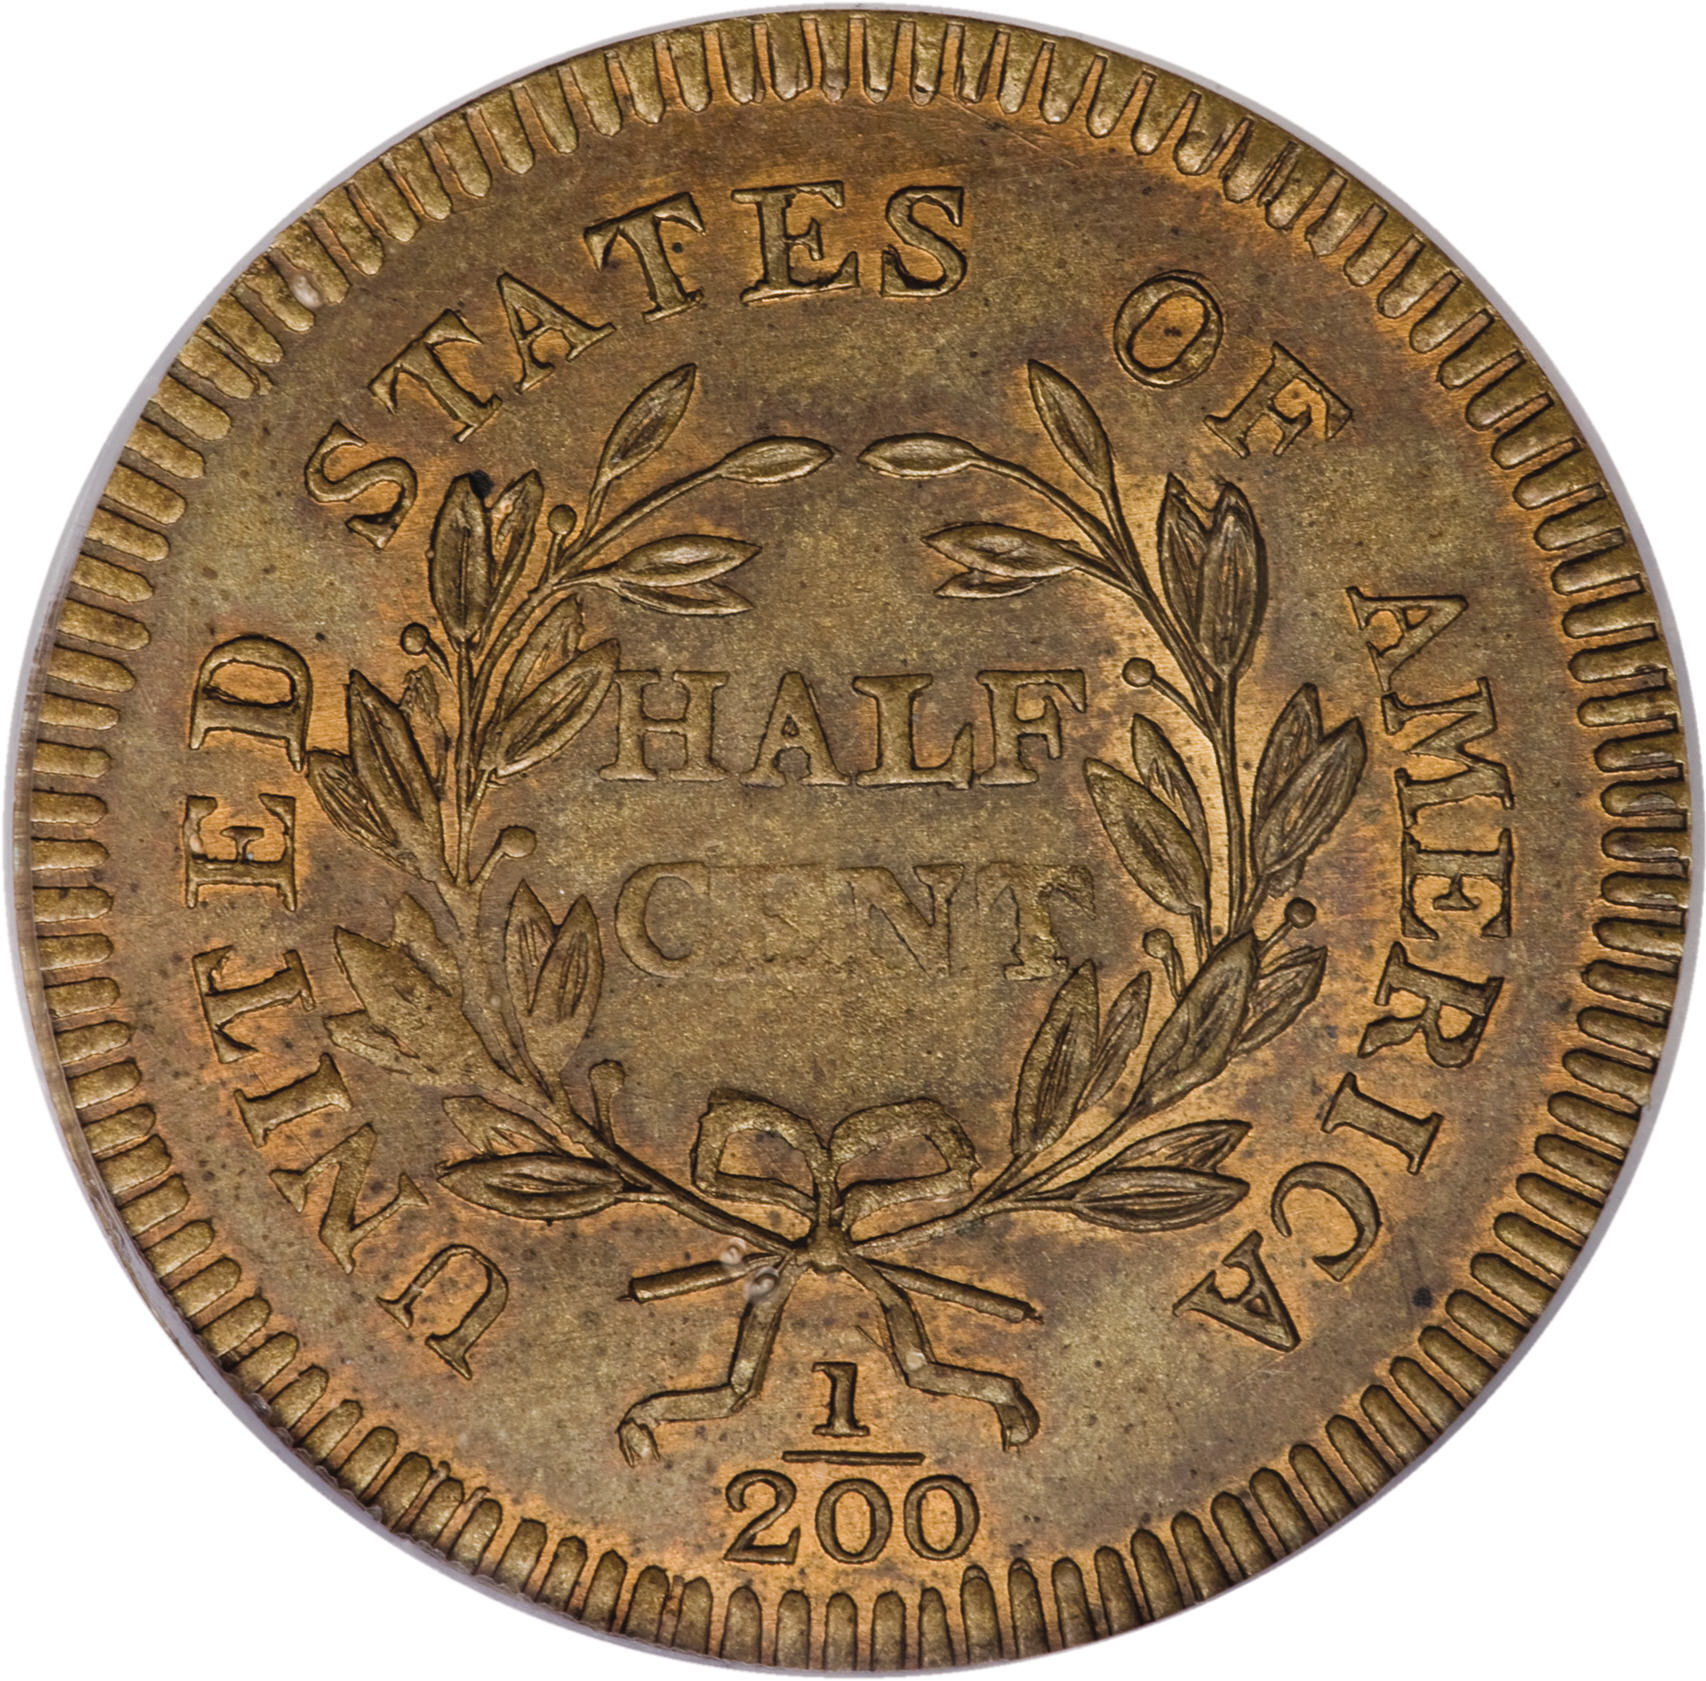 1796-edwards-reverse